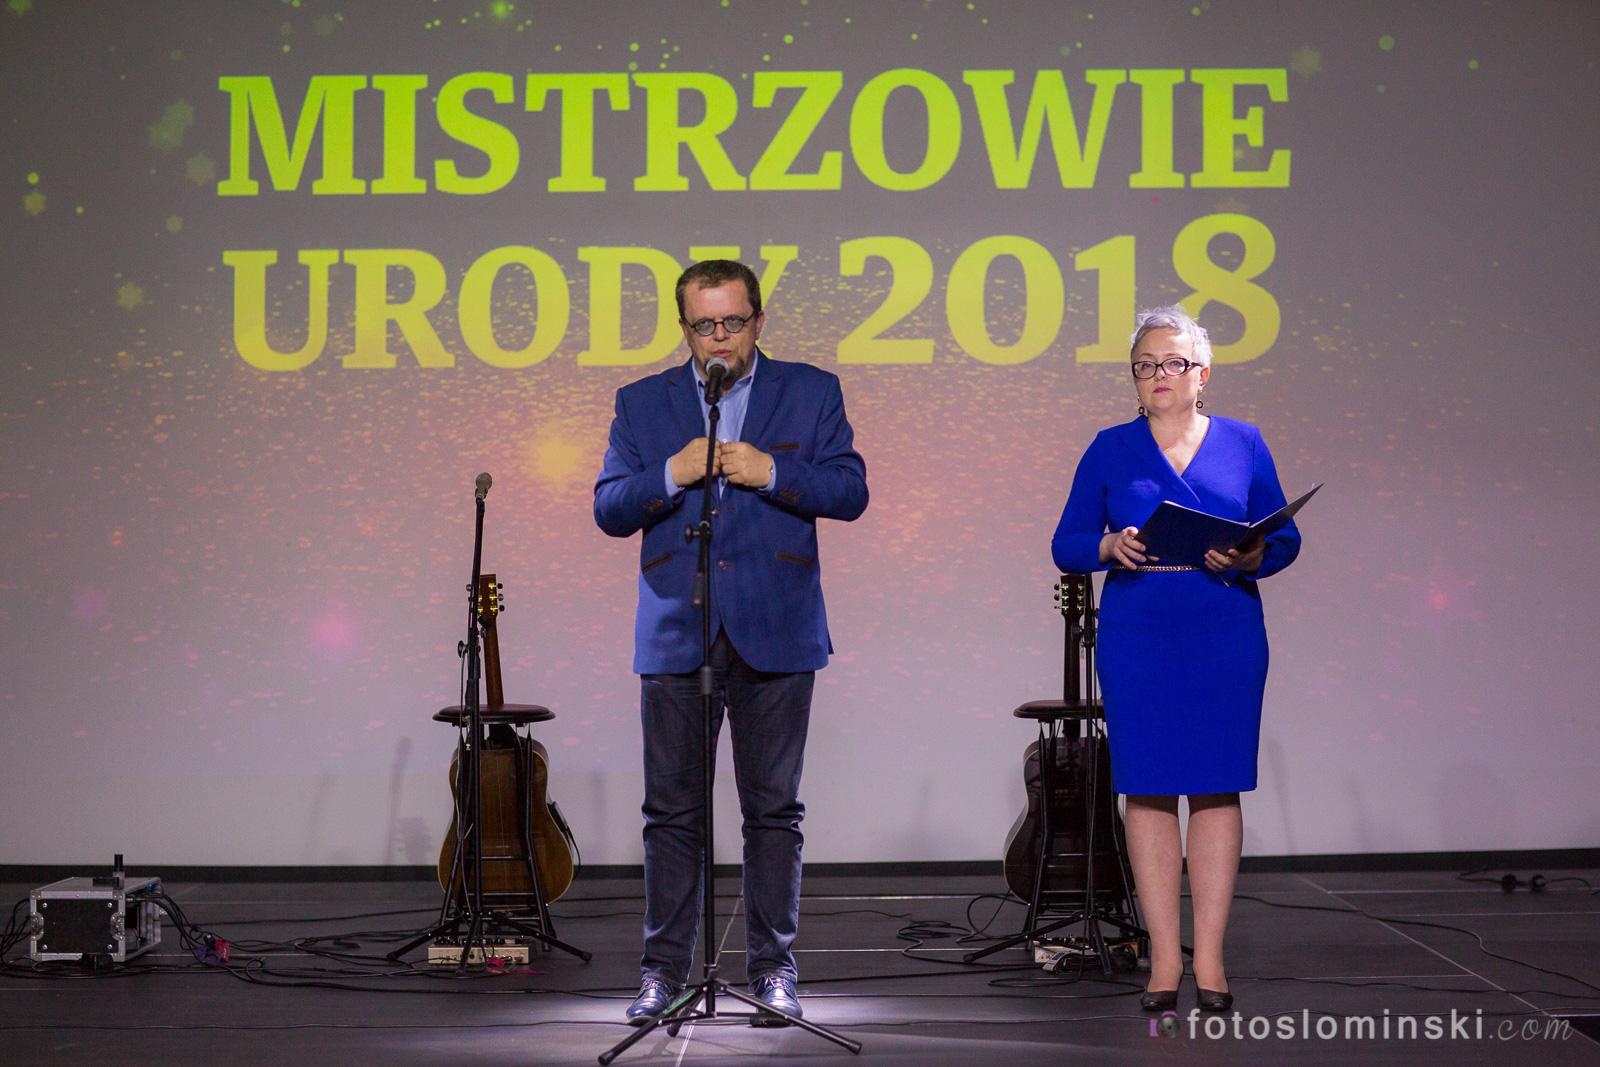 mistrzowie urody wrocław - Gala rozdania nagród - Najlepsza kosmetyczka Wrocław Katarzyna Słomińska.